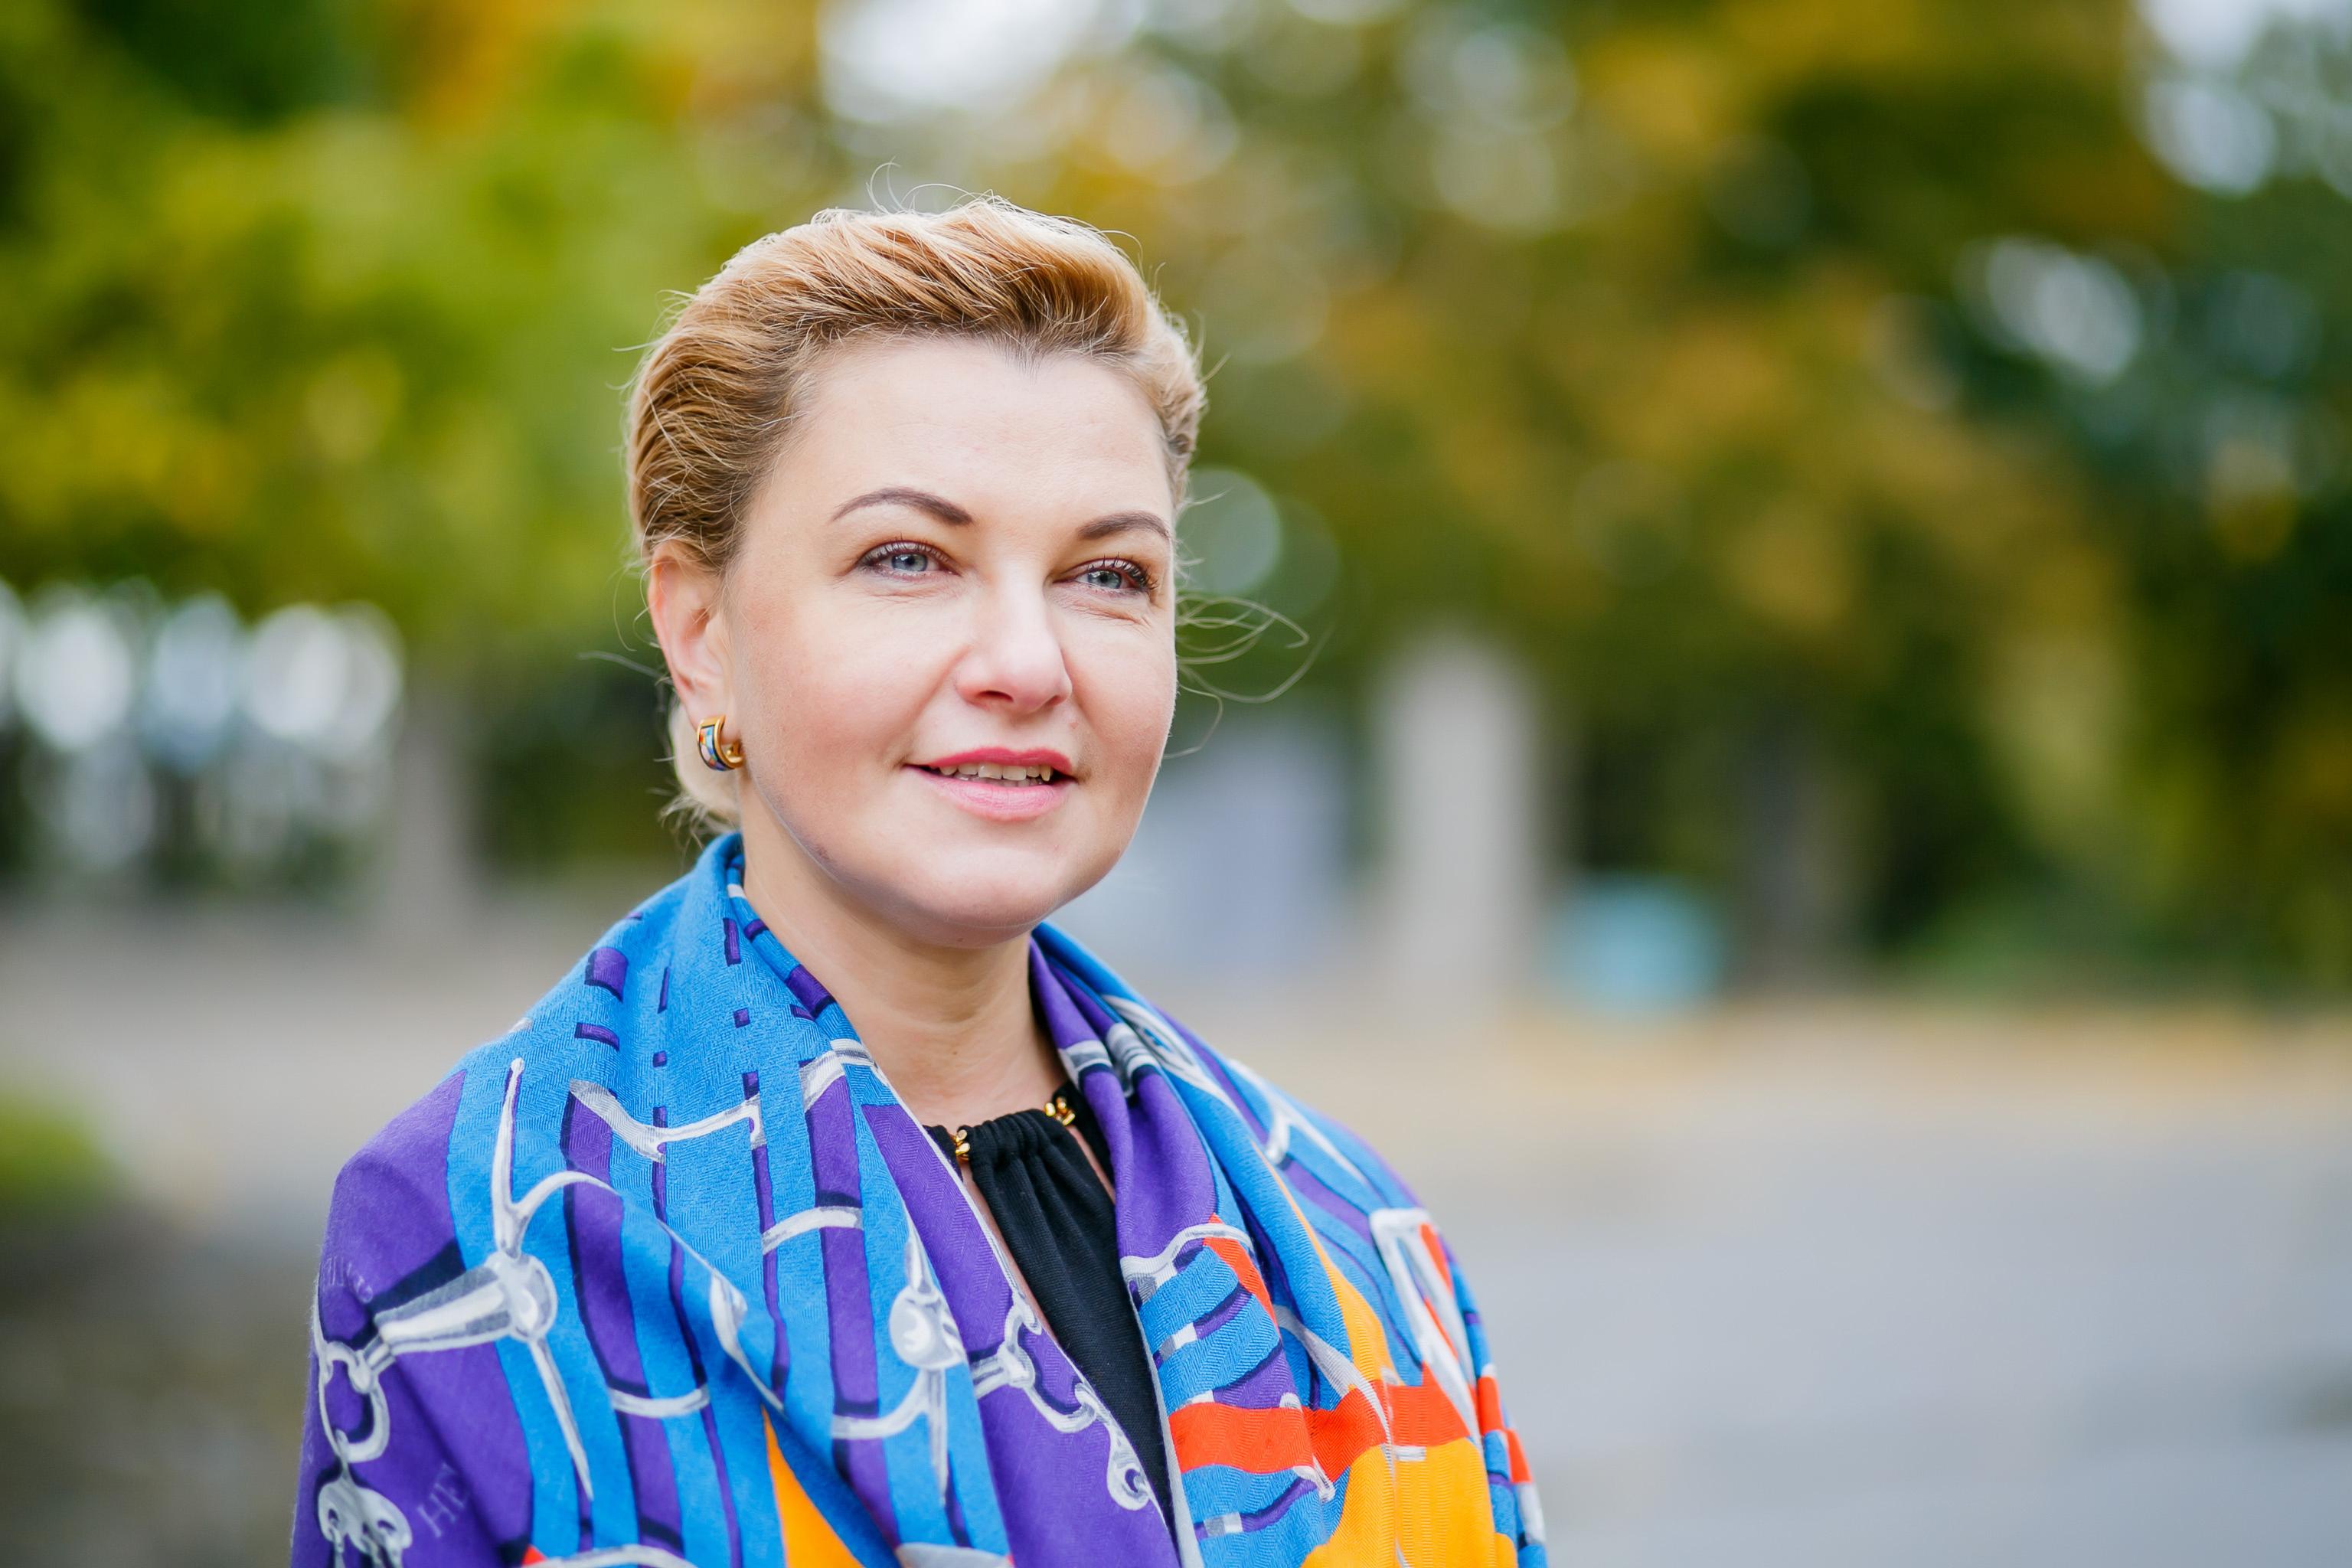 О минимальных зарплатах, налогах и культуре в бизнесе: интервью с Оксаной Продан